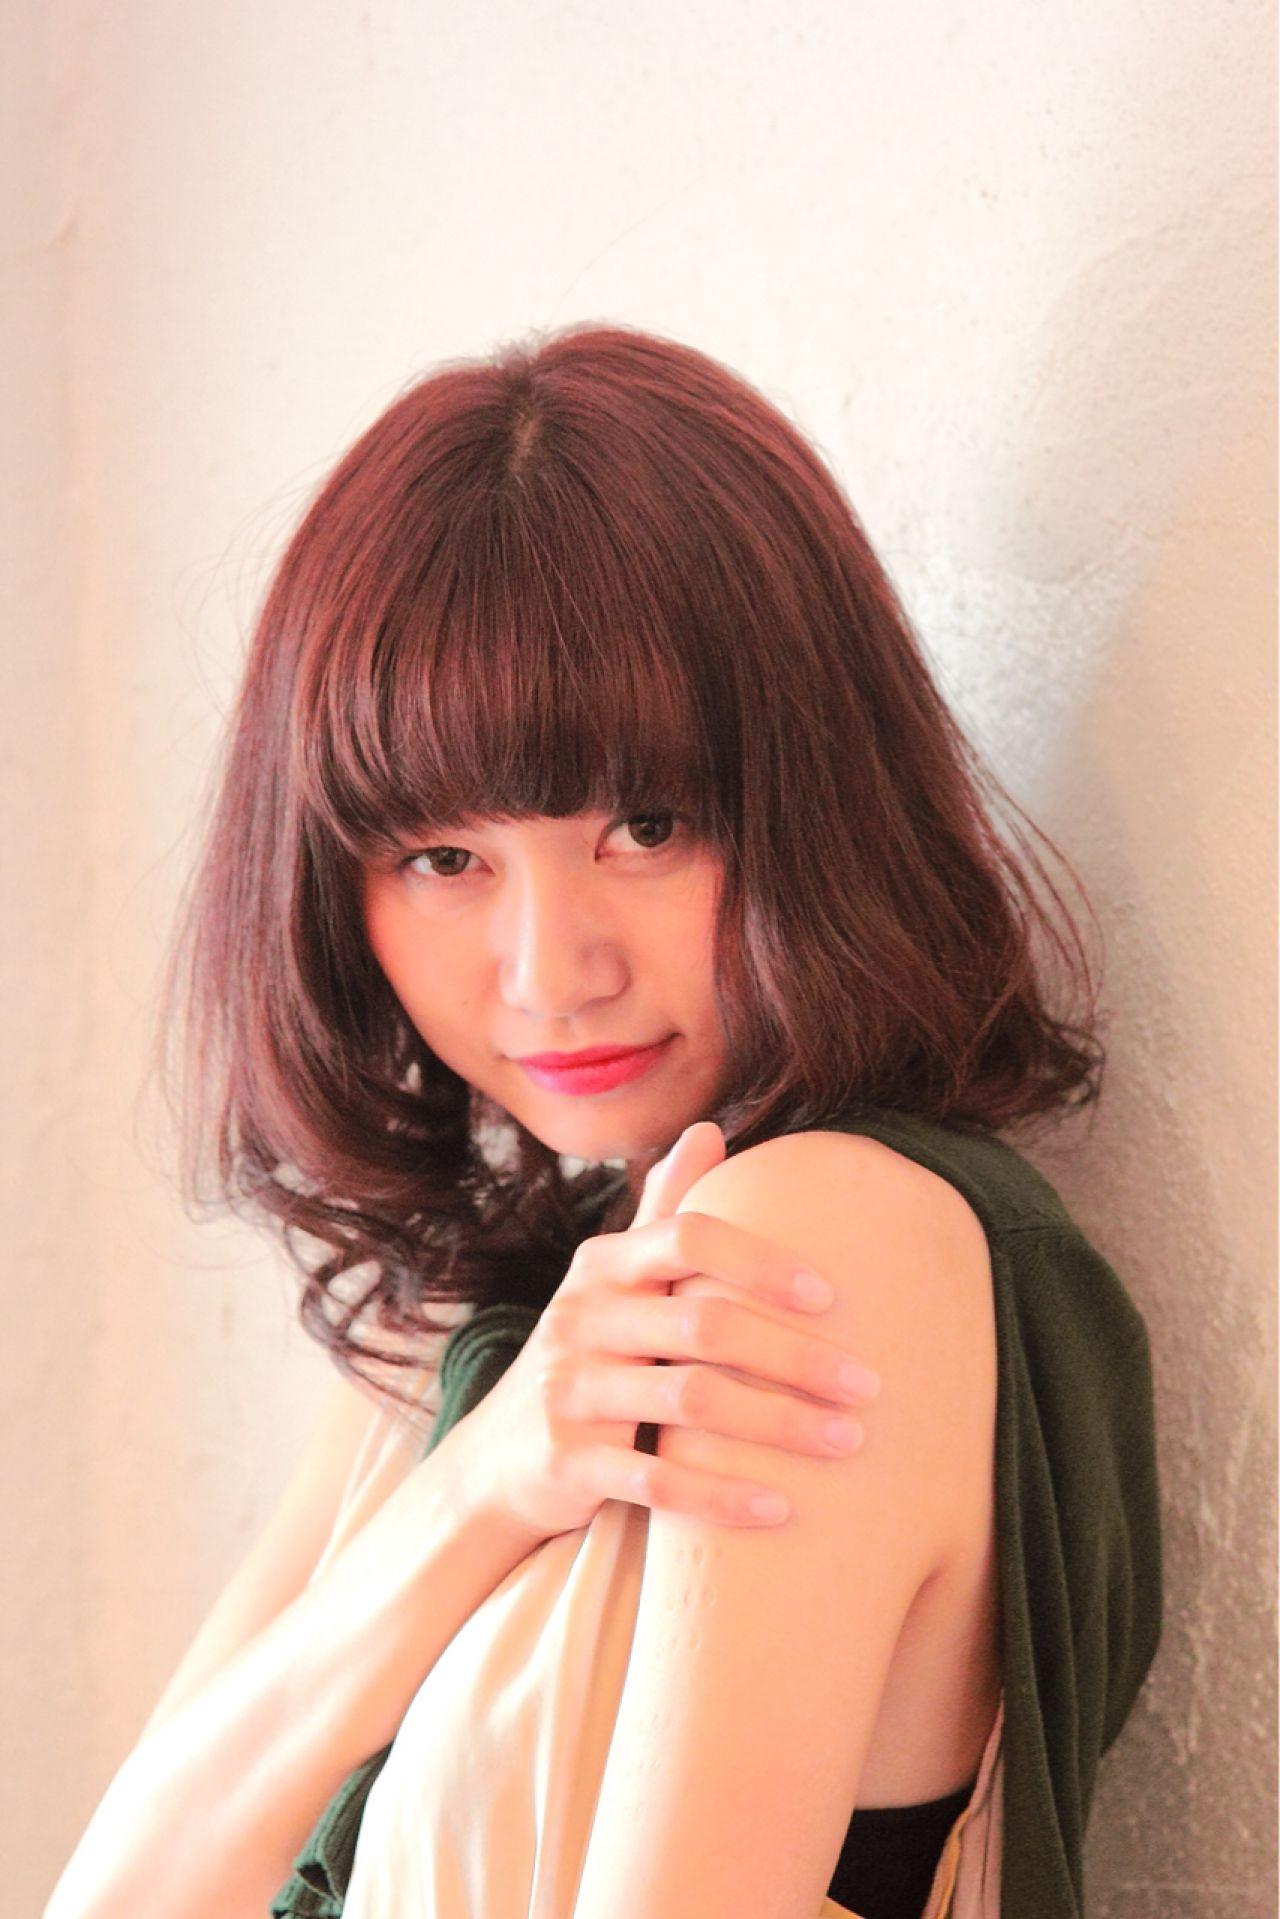 かわいい♡色っぽい♡ピンクブラウンは女子にいいことづくしなヘアカラー♪ Hiro  美容室Zac